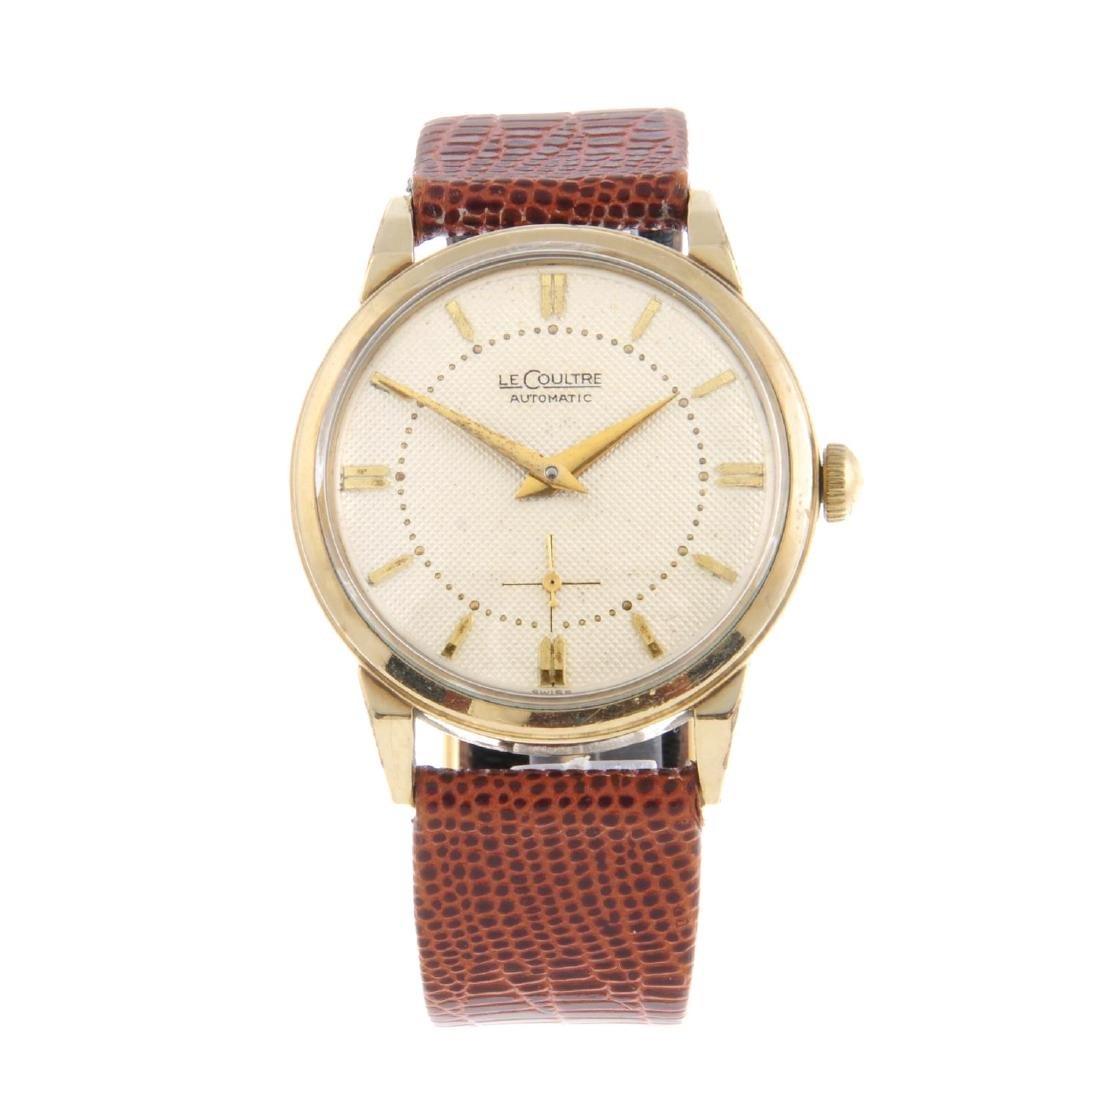 LECOULTRE - a gentleman's wrist watch. Gold filled